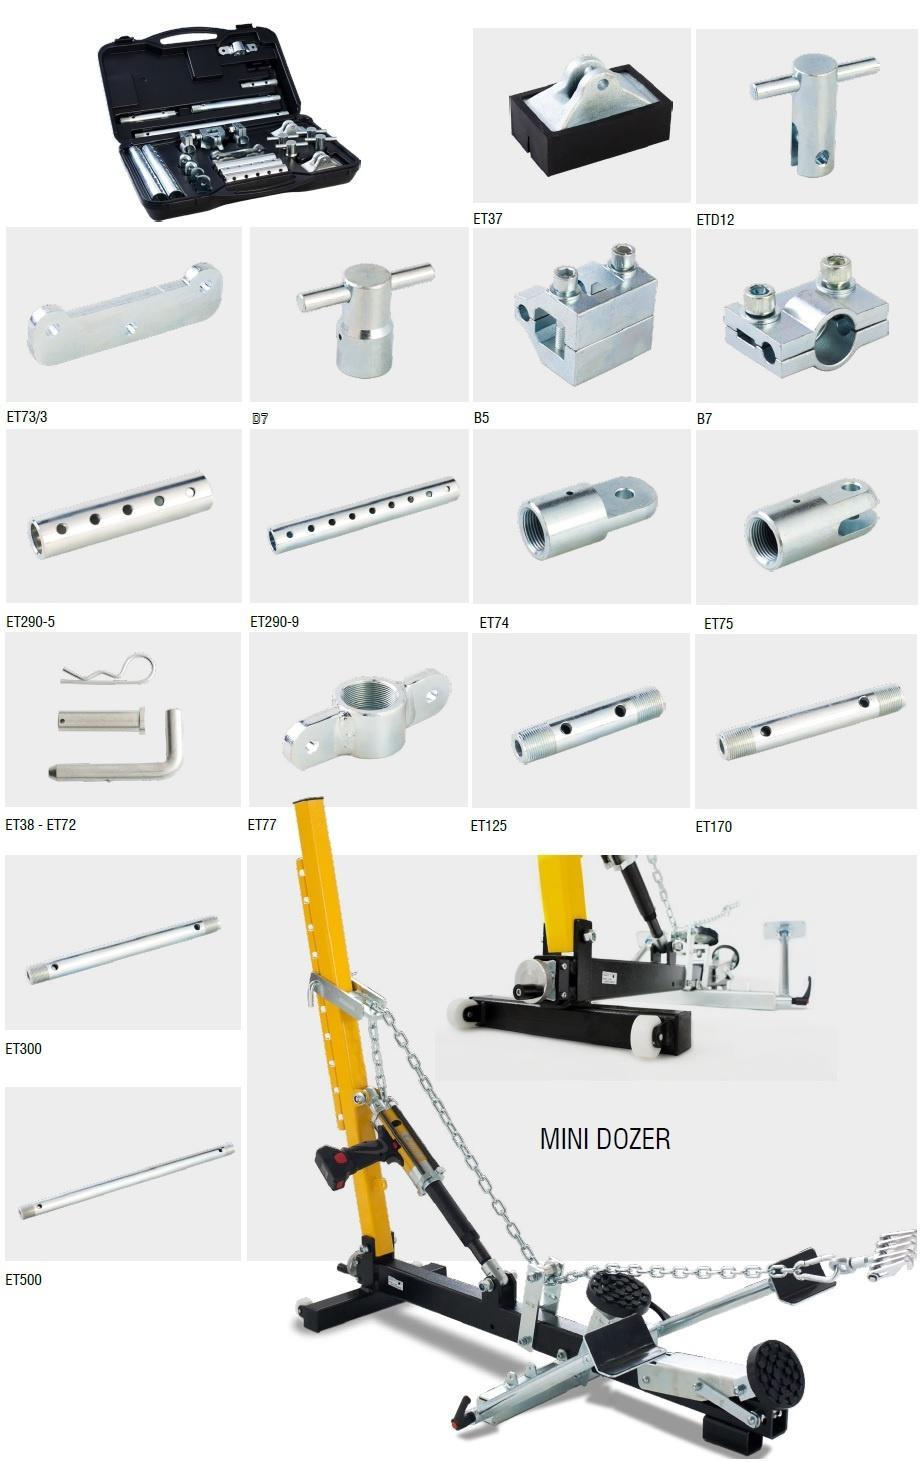 Akcesoria dodatkowe Electro power poszczególne elwico serwis - Elektro-hydrauliczny system napraw karoserii